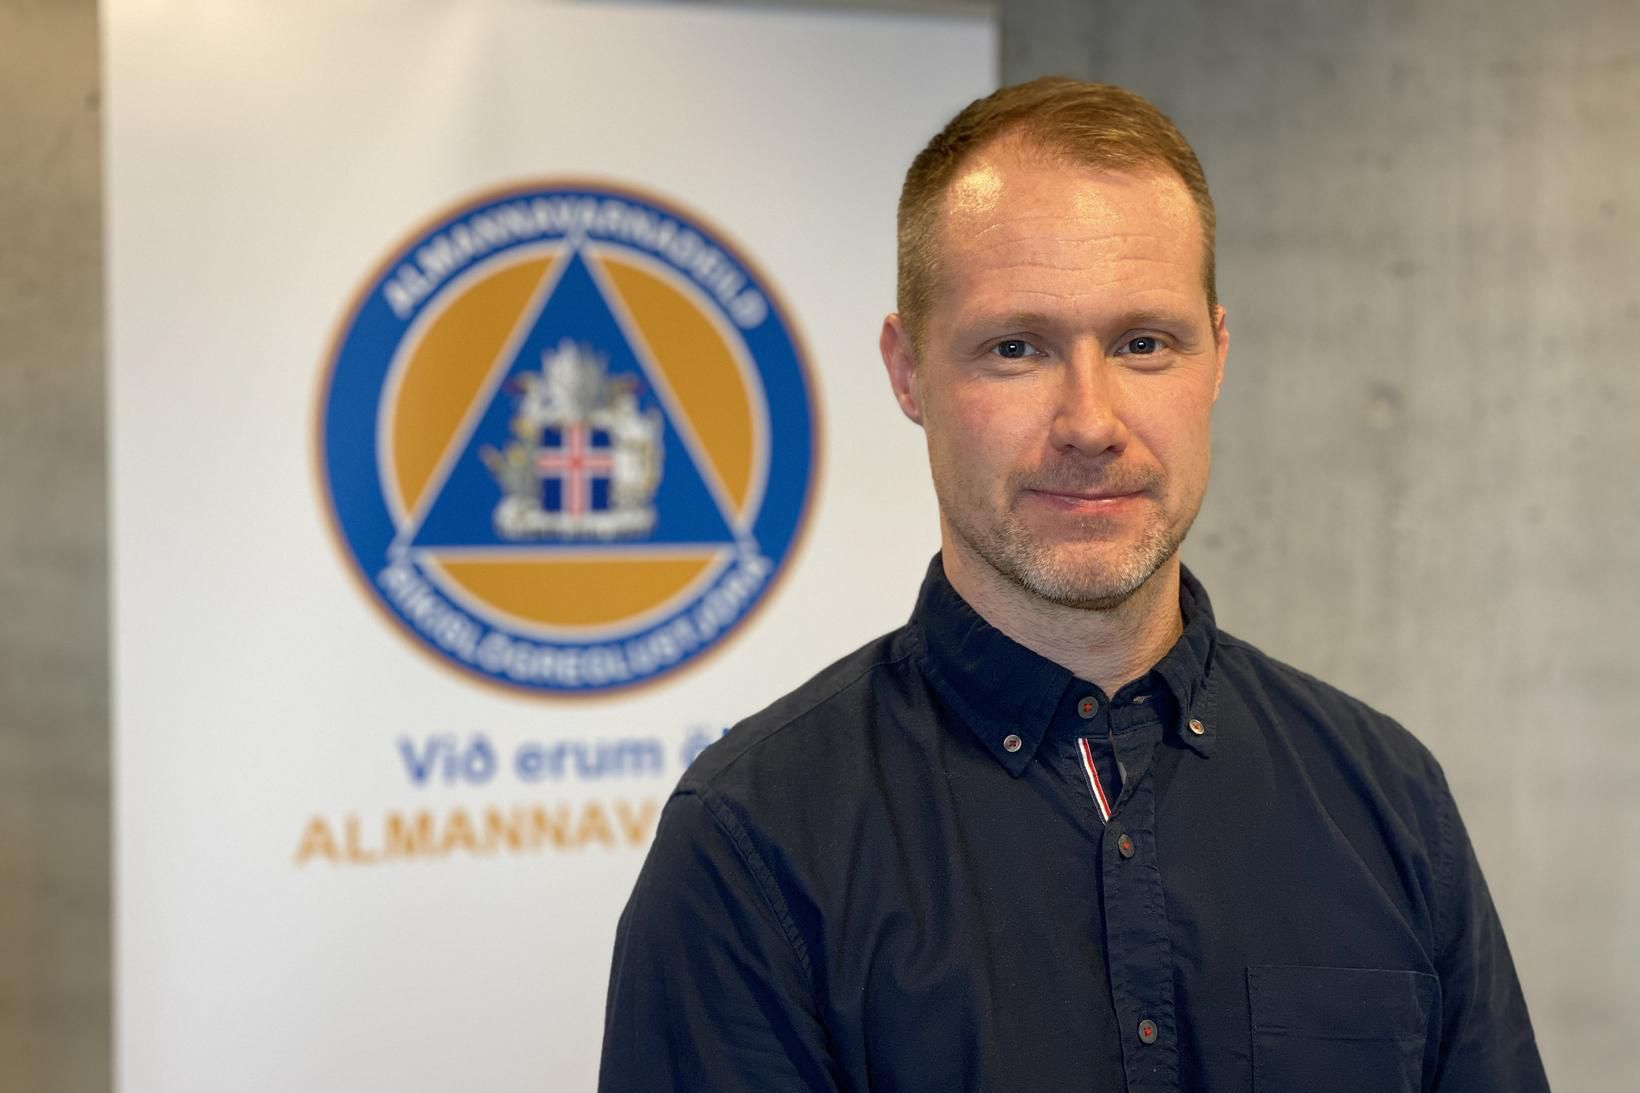 Jóhann Björn Skúlason, yfirmaður smitrakningarteymis alamannavarna.